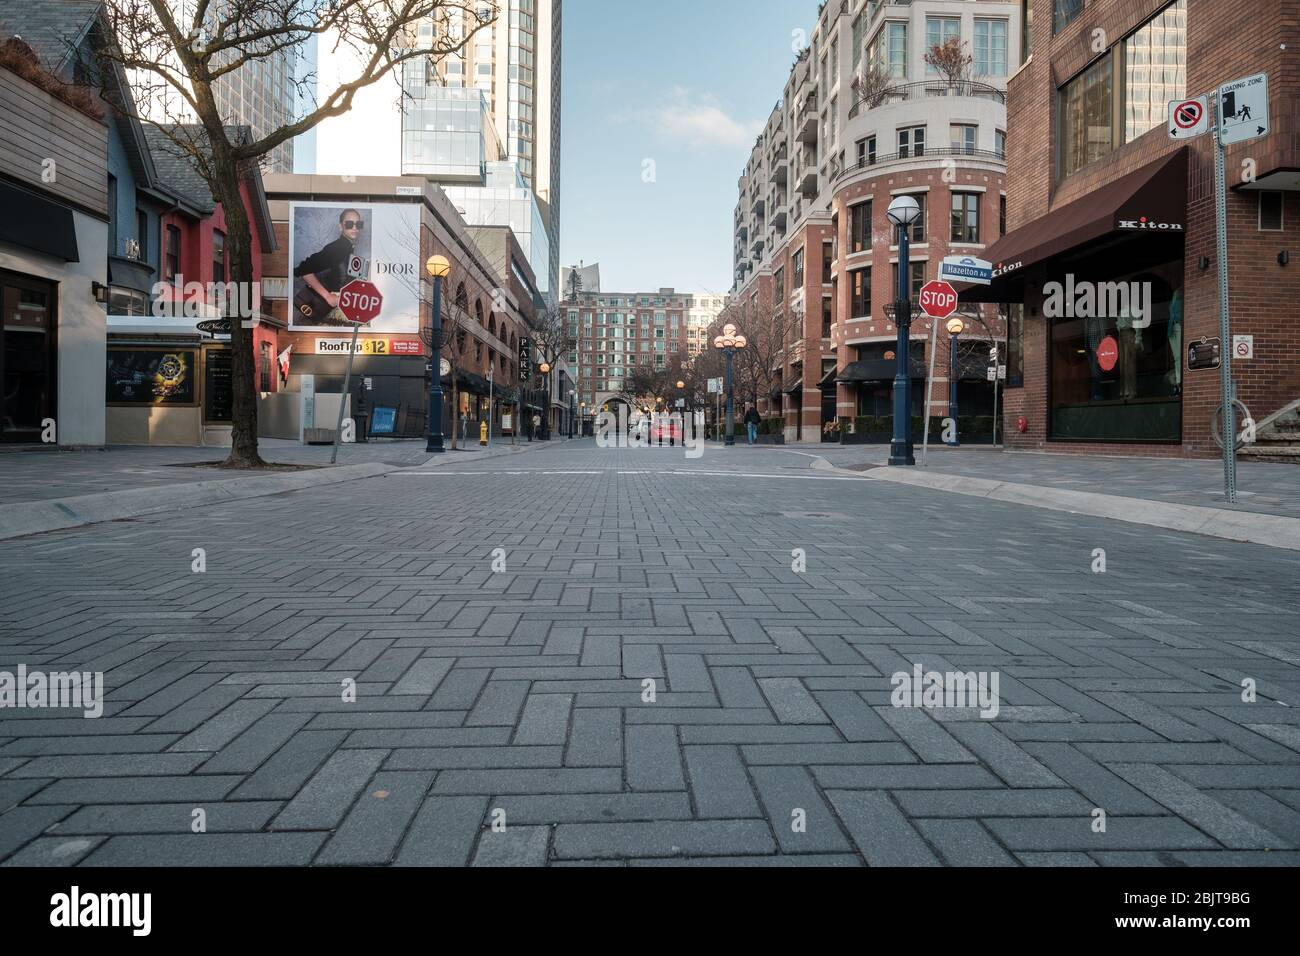 Centro di Toronto durante la pandemia COVID-19 - strade della città vuote Foto Stock